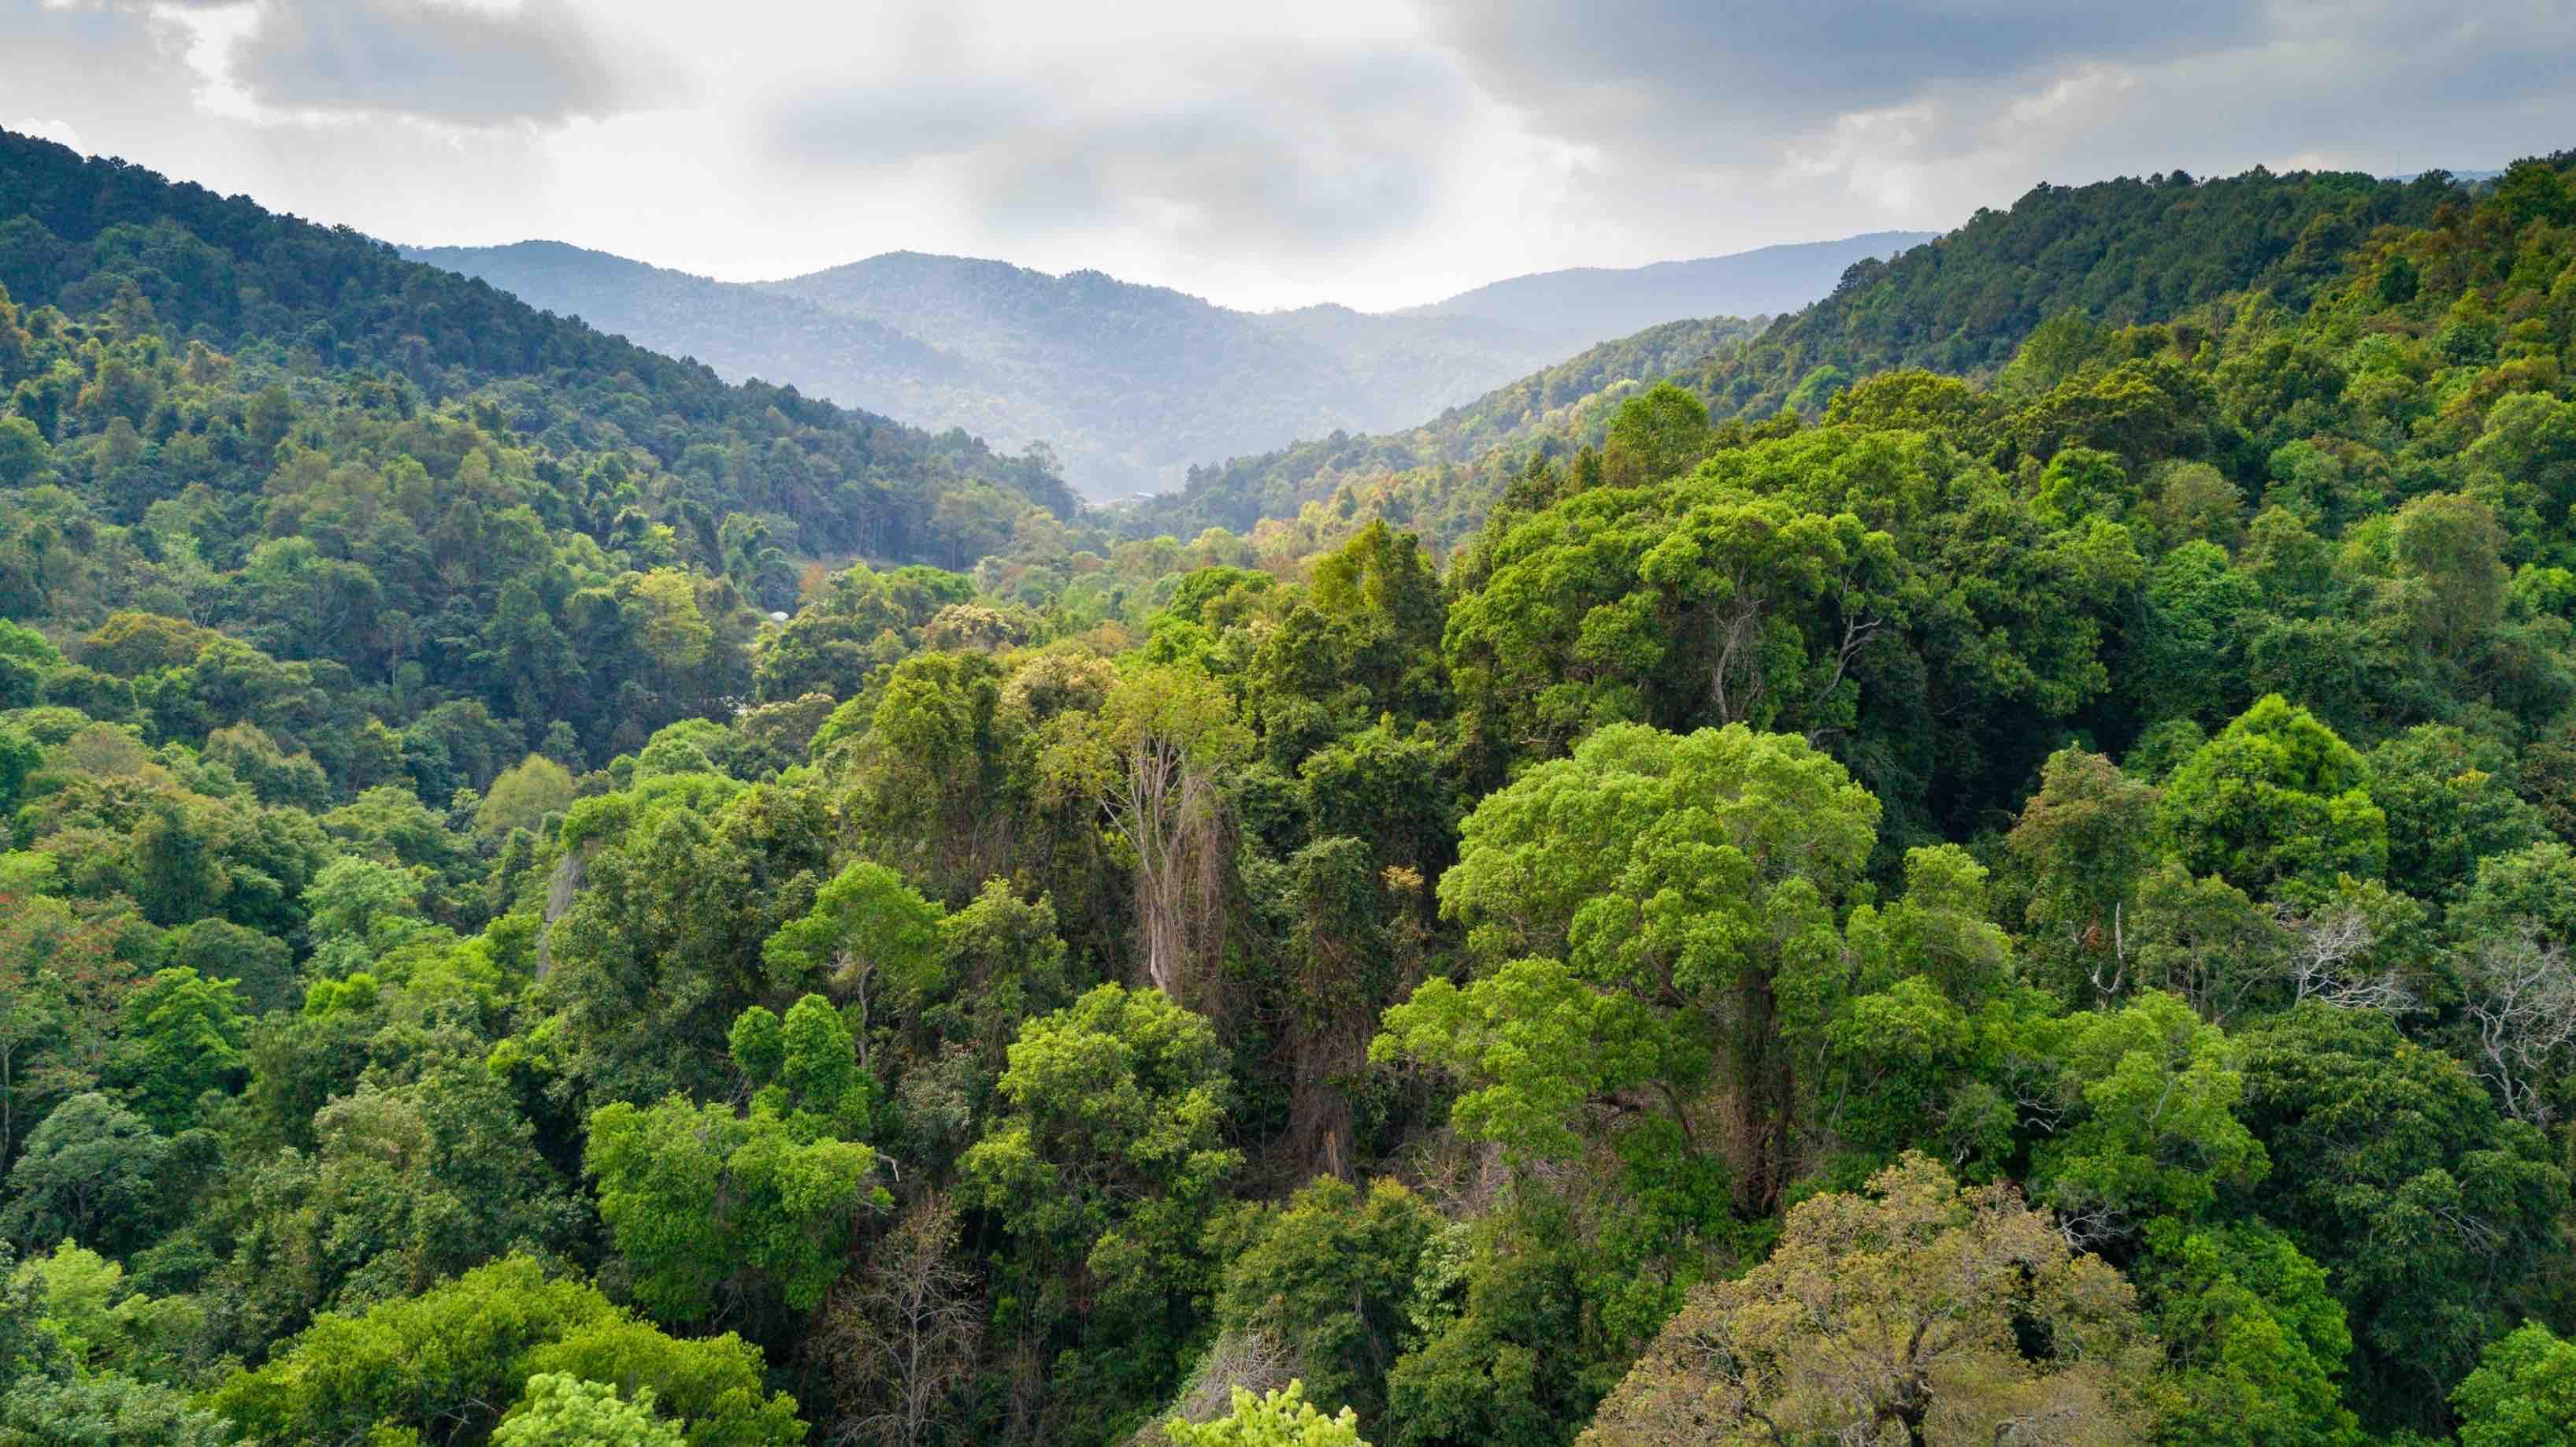 rainforest in thailand